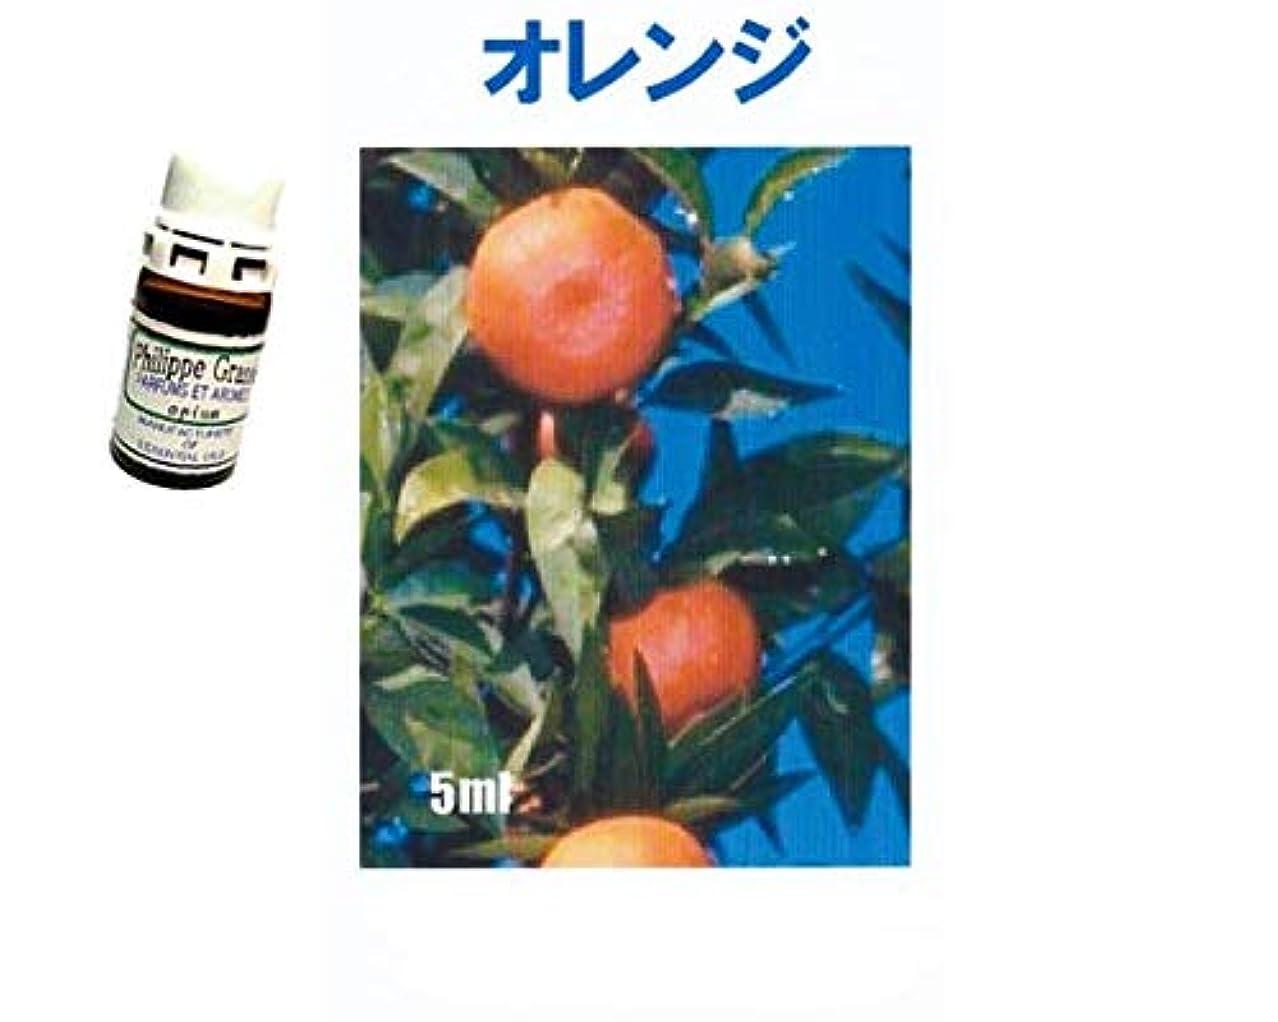 トレイル野心的カートアロマオイル オレンジ 5ml エッセンシャルオイル 100%天然成分